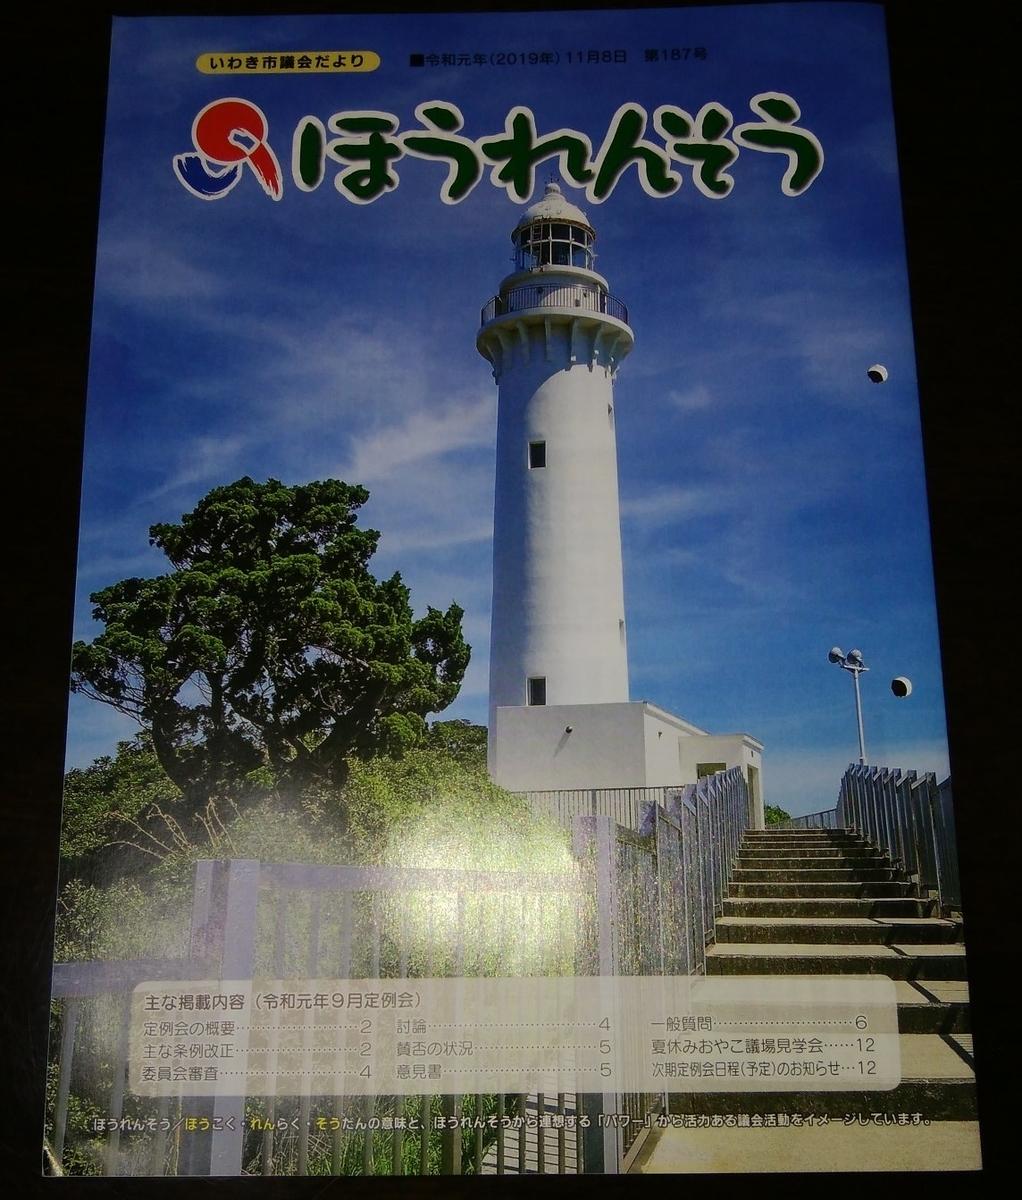 f:id:nishiyamakazumi:20191129101417j:plain